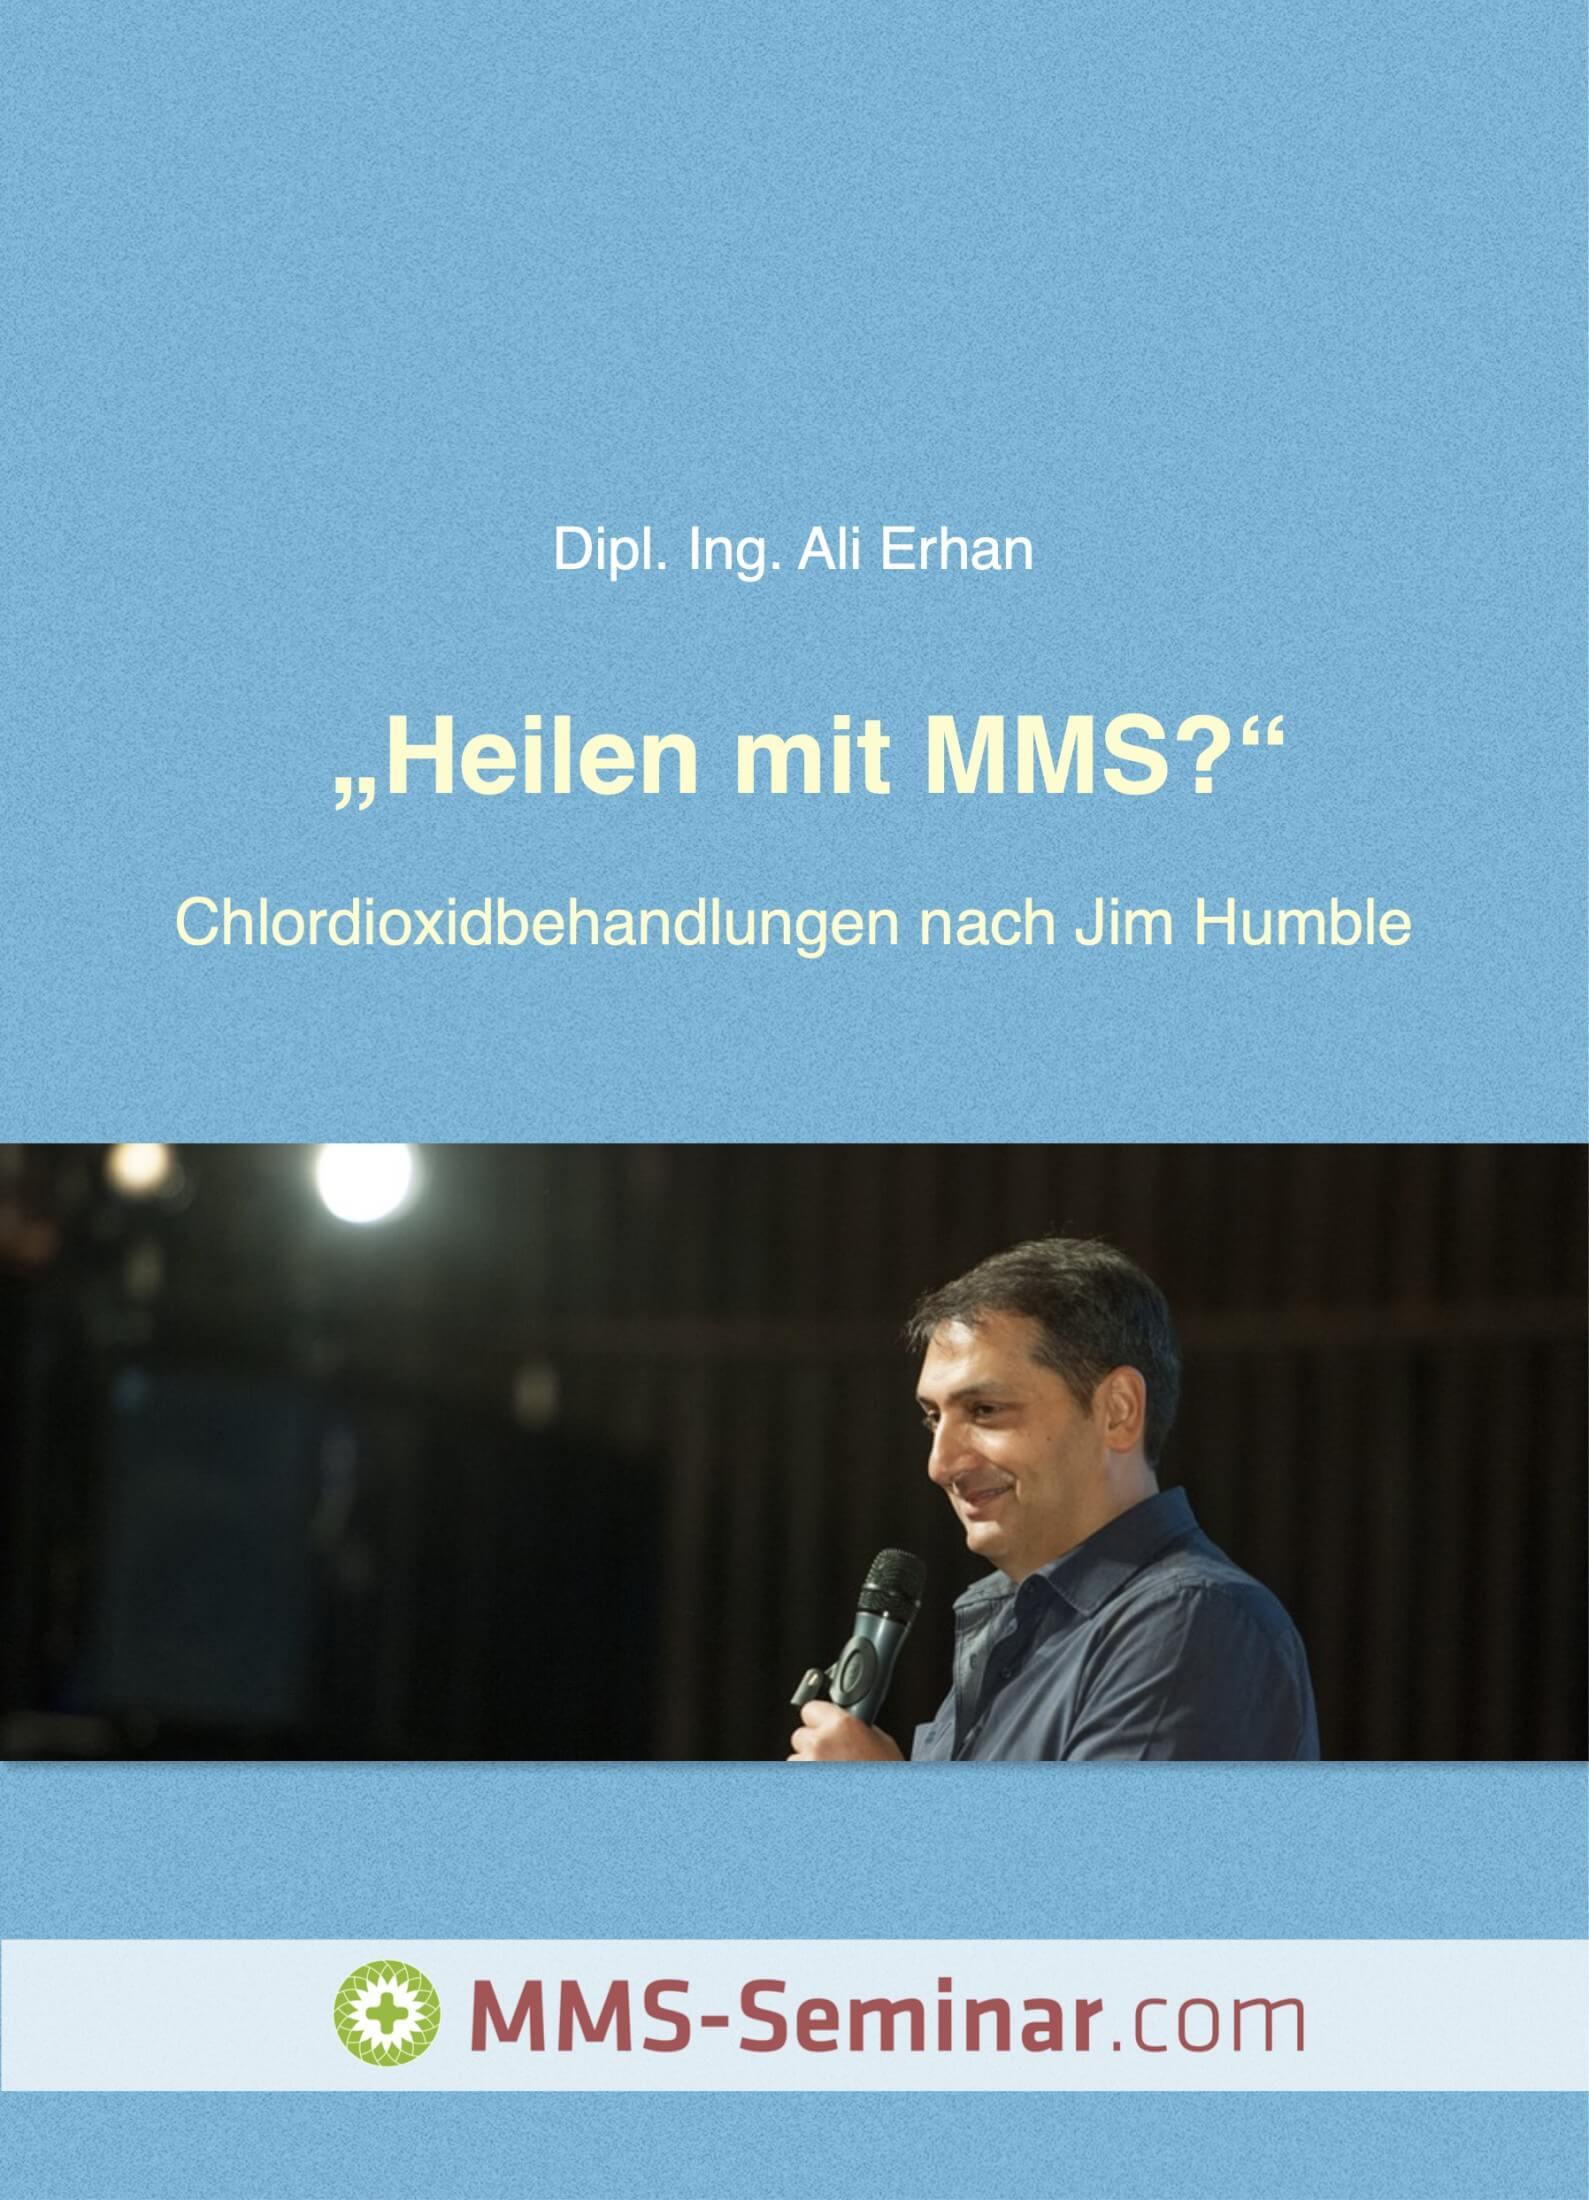 mms-seminar.com